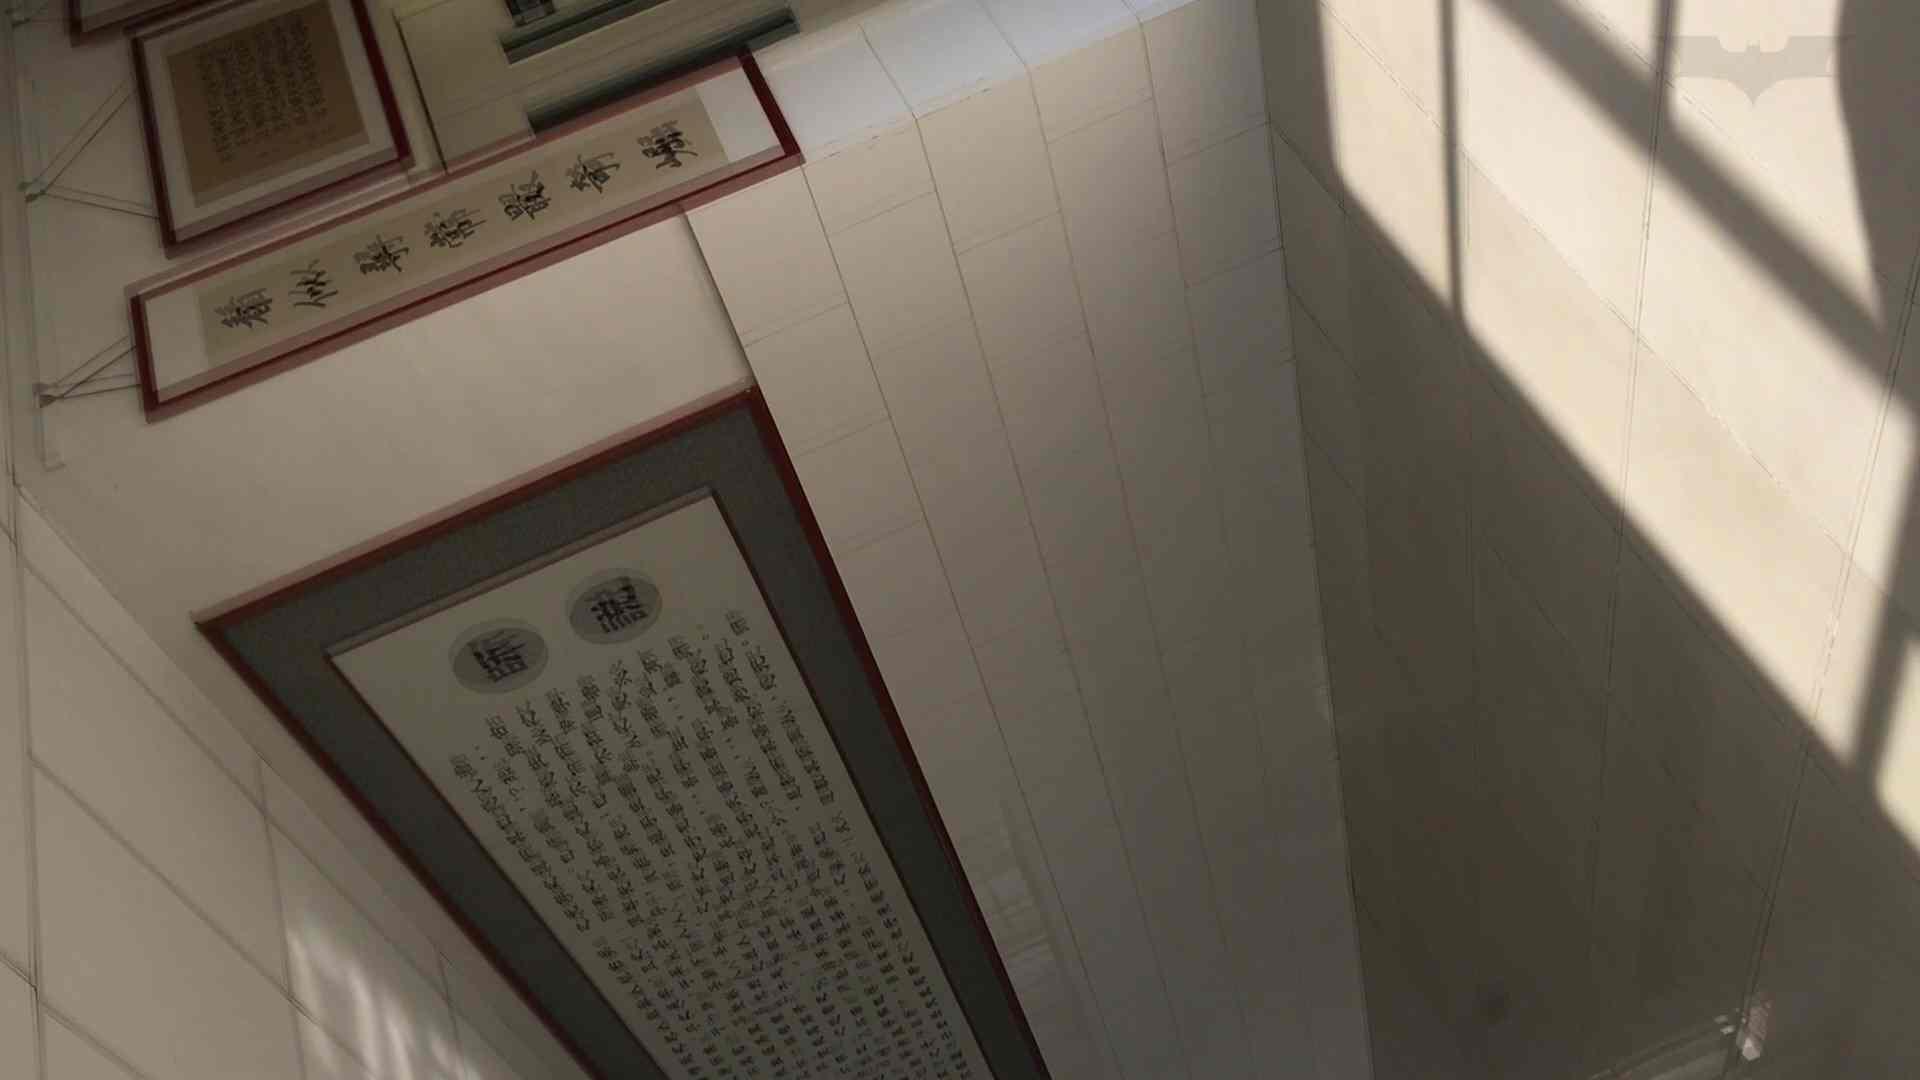 芸術大学ガチ潜入盗撮 JD盗撮 美女の洗面所の秘密 Vol.91 トイレ  72PIX 10